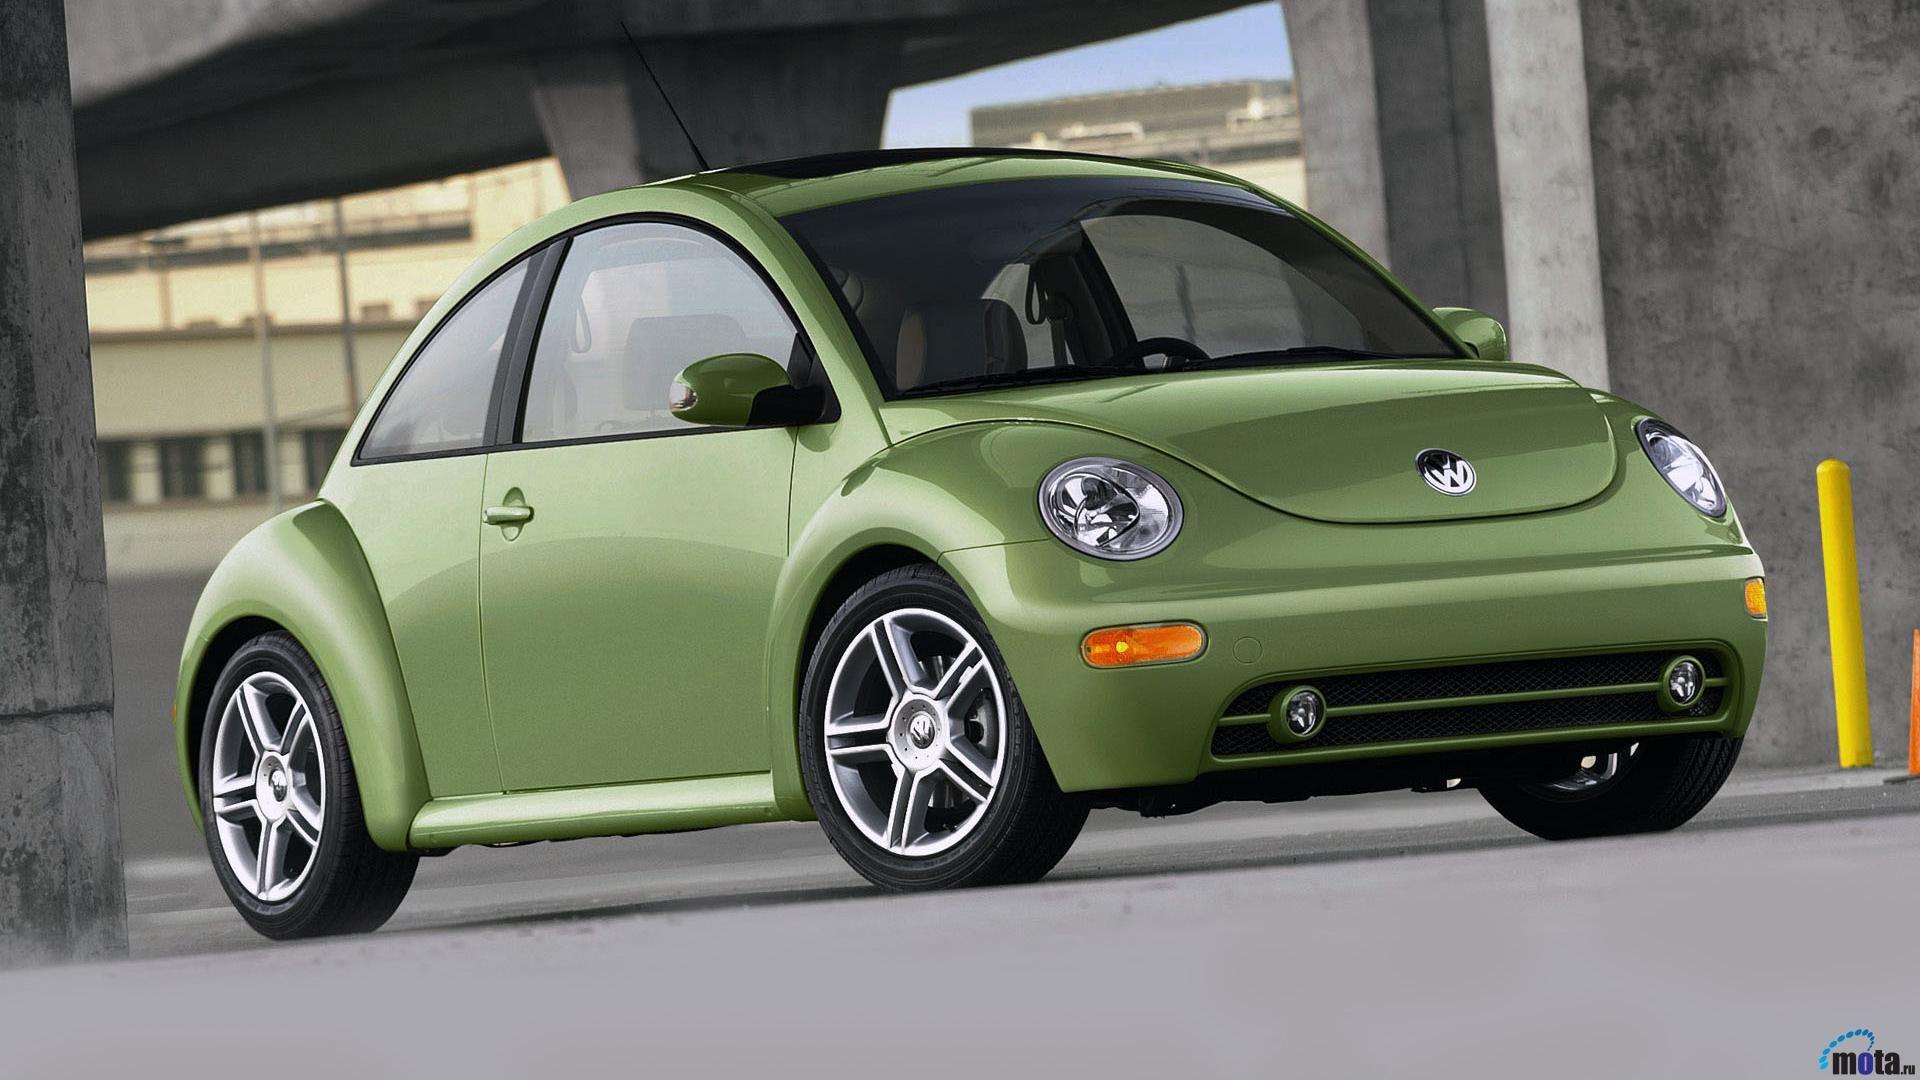 volkswagen beetle green cars pinterest beetles green volkswagen beetle convertible green volkswagen beetle plastic toy car #45